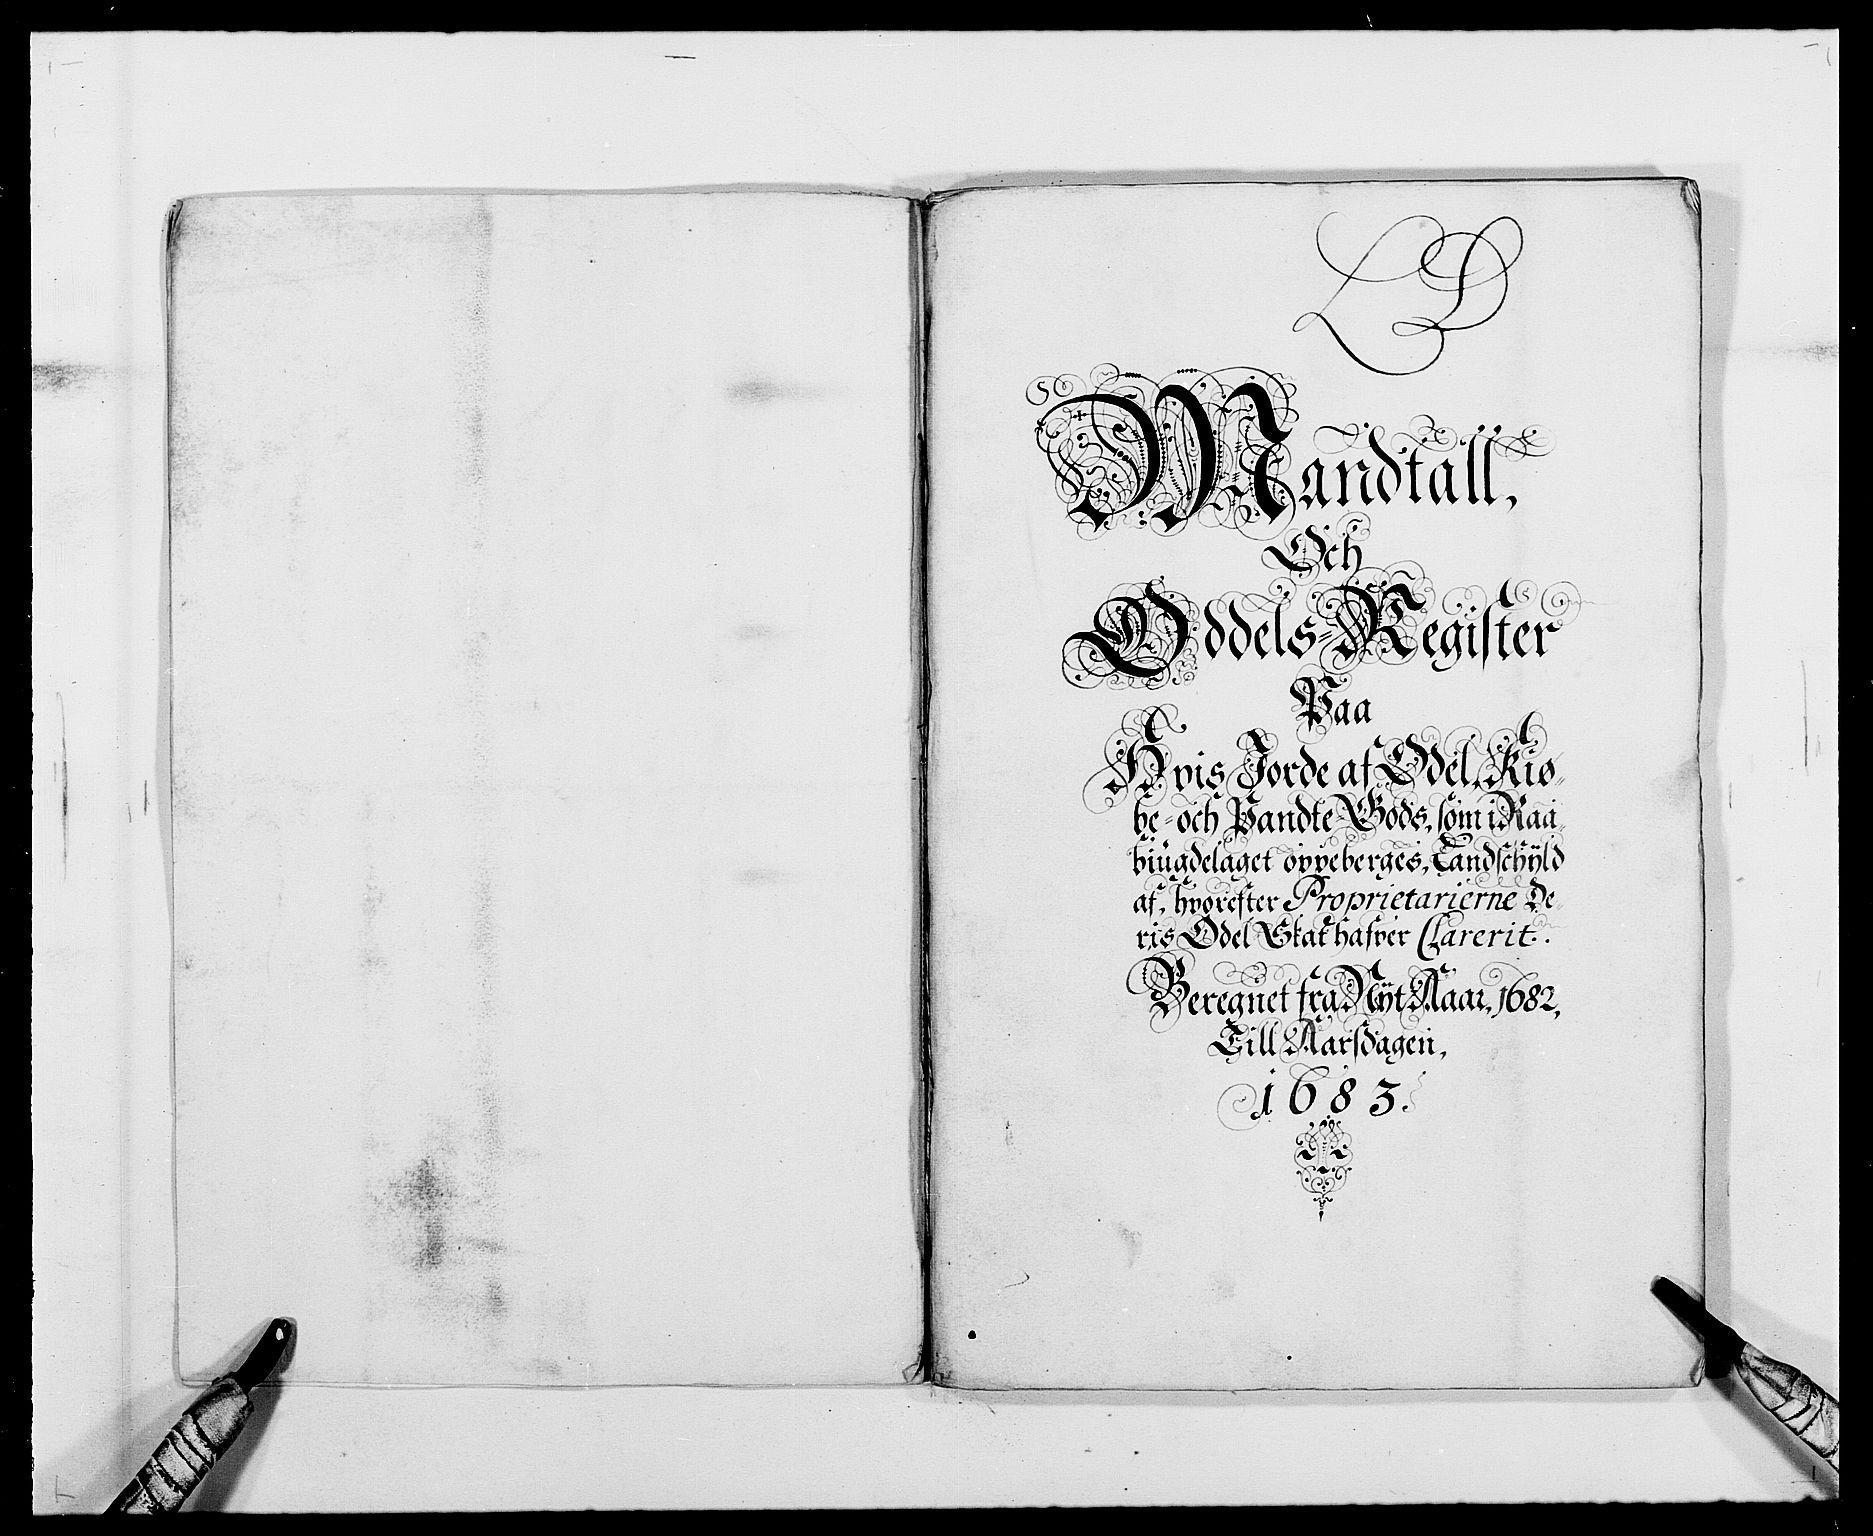 RA, Rentekammeret inntil 1814, Reviderte regnskaper, Fogderegnskap, R40/L2438: Fogderegnskap Råbyggelag, 1682-1683, s. 279